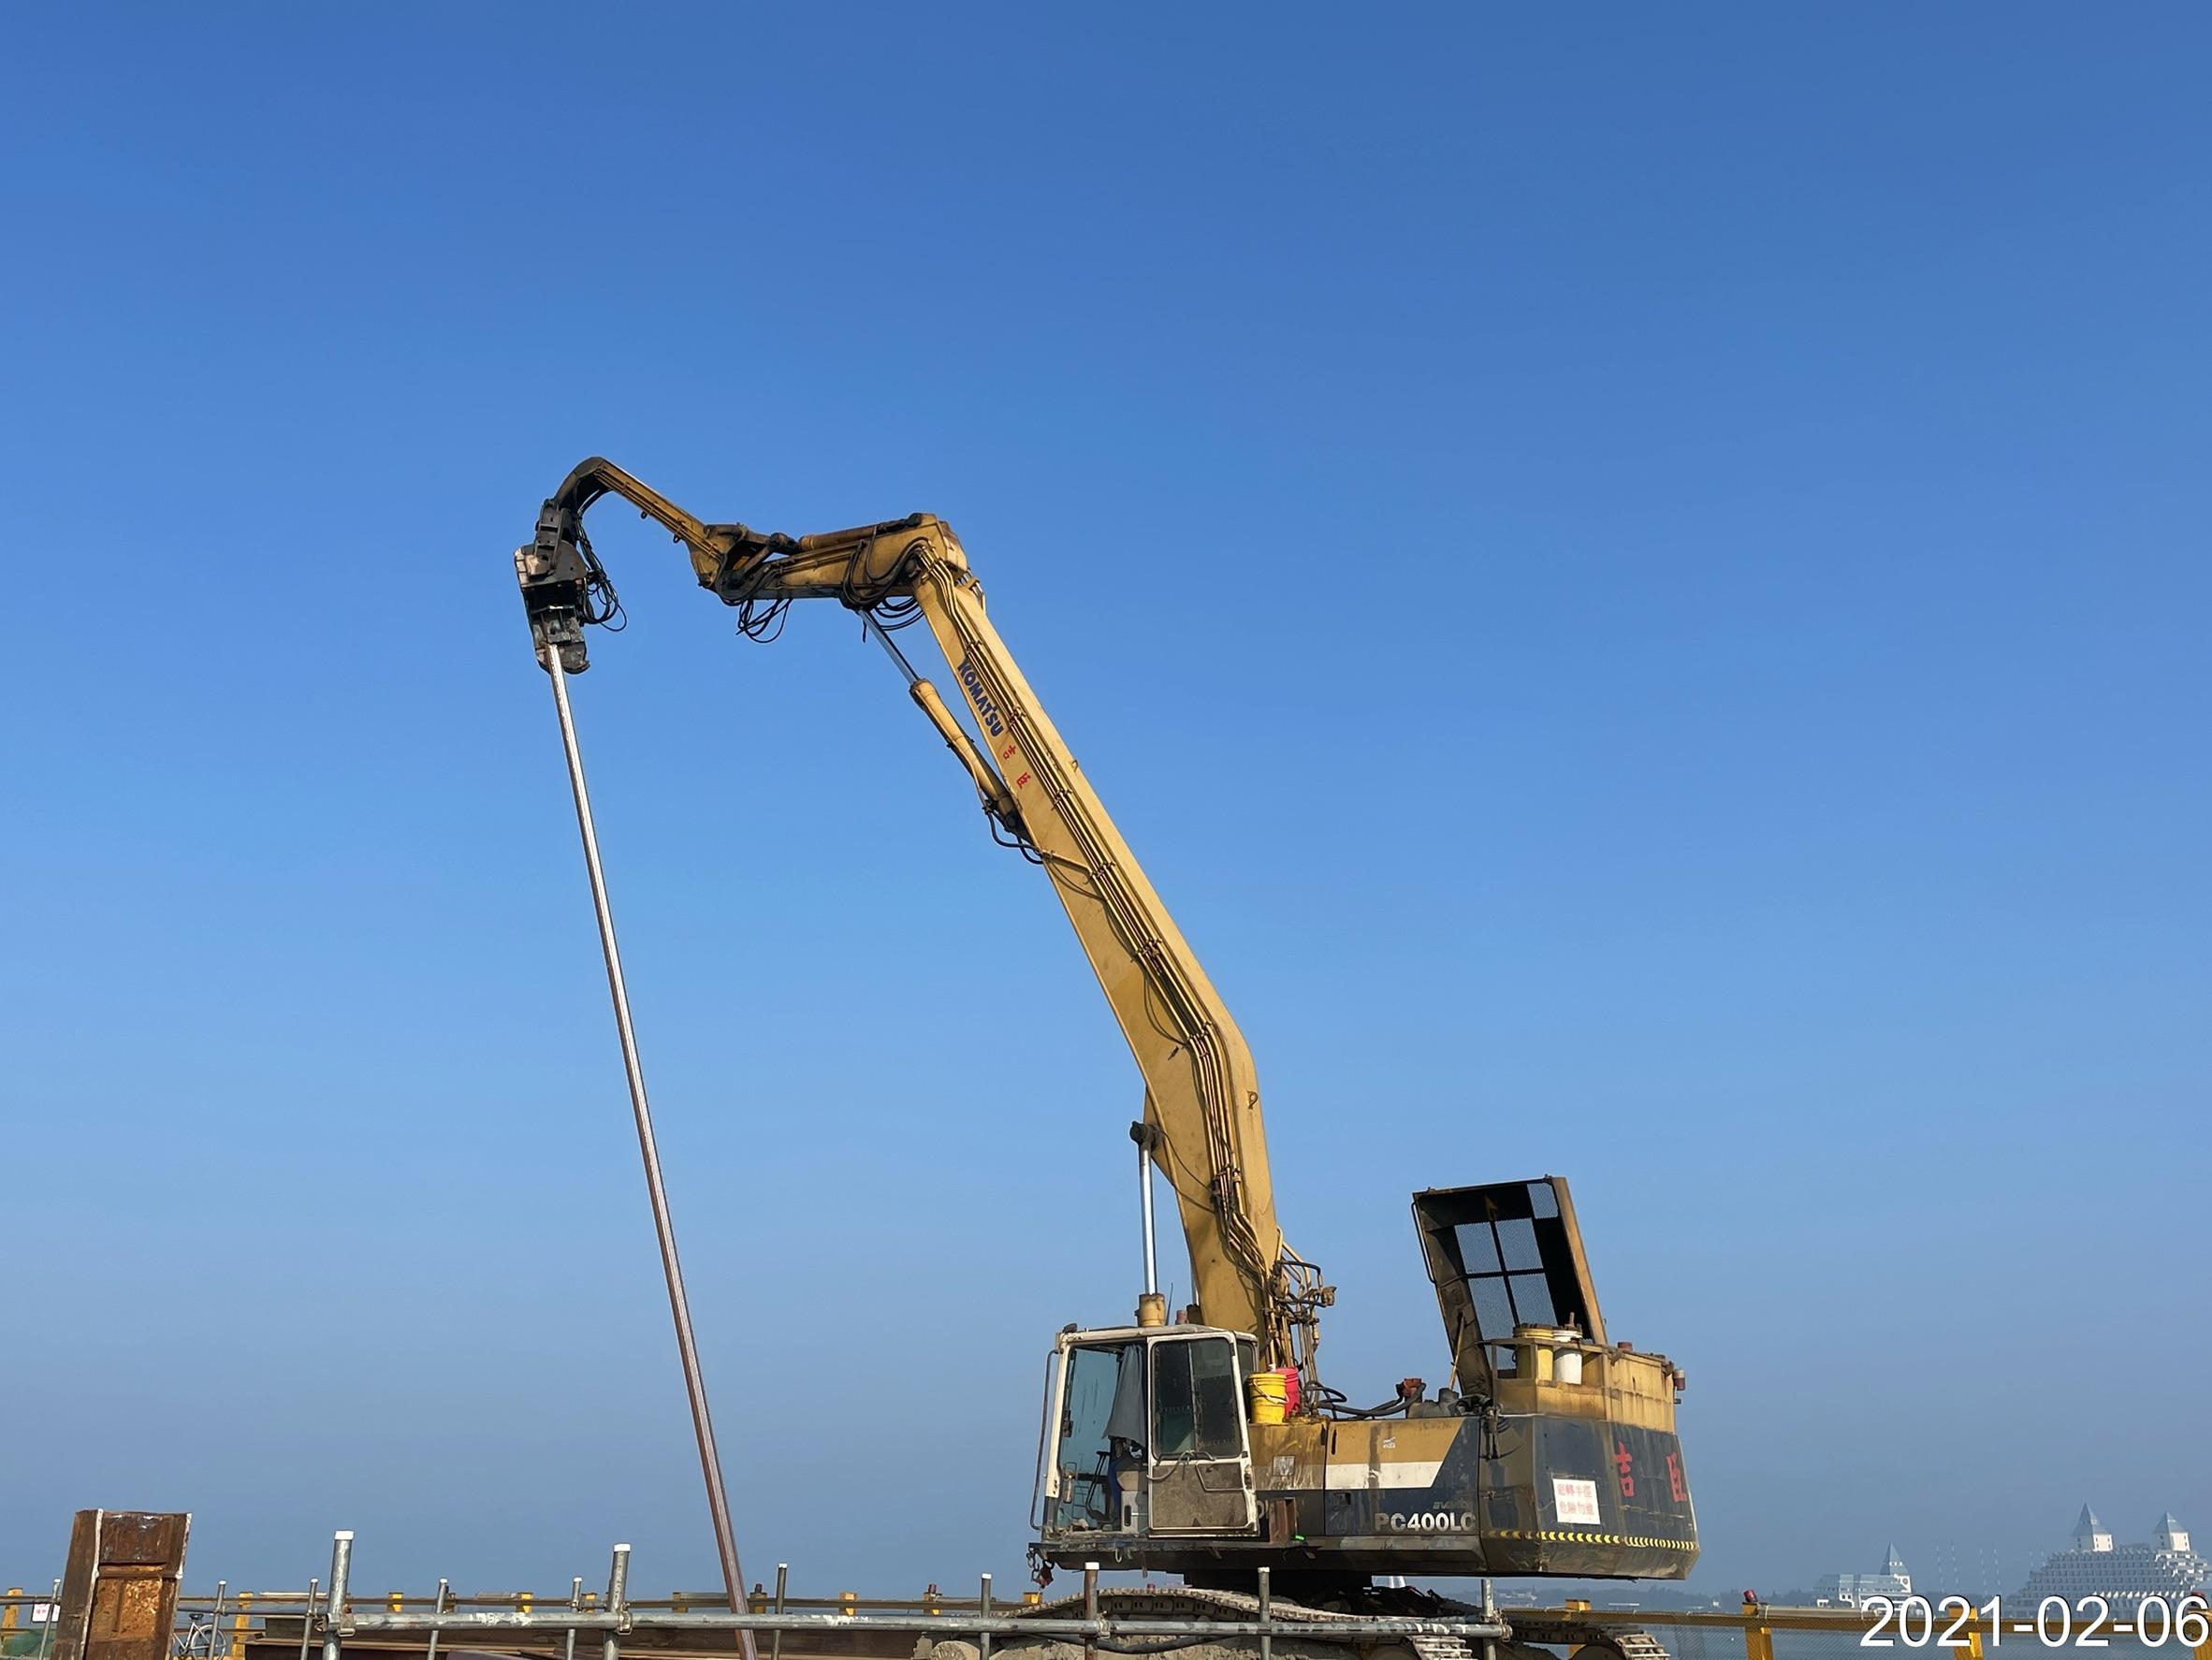 施工便橋構台中間柱型鋼打設作業.